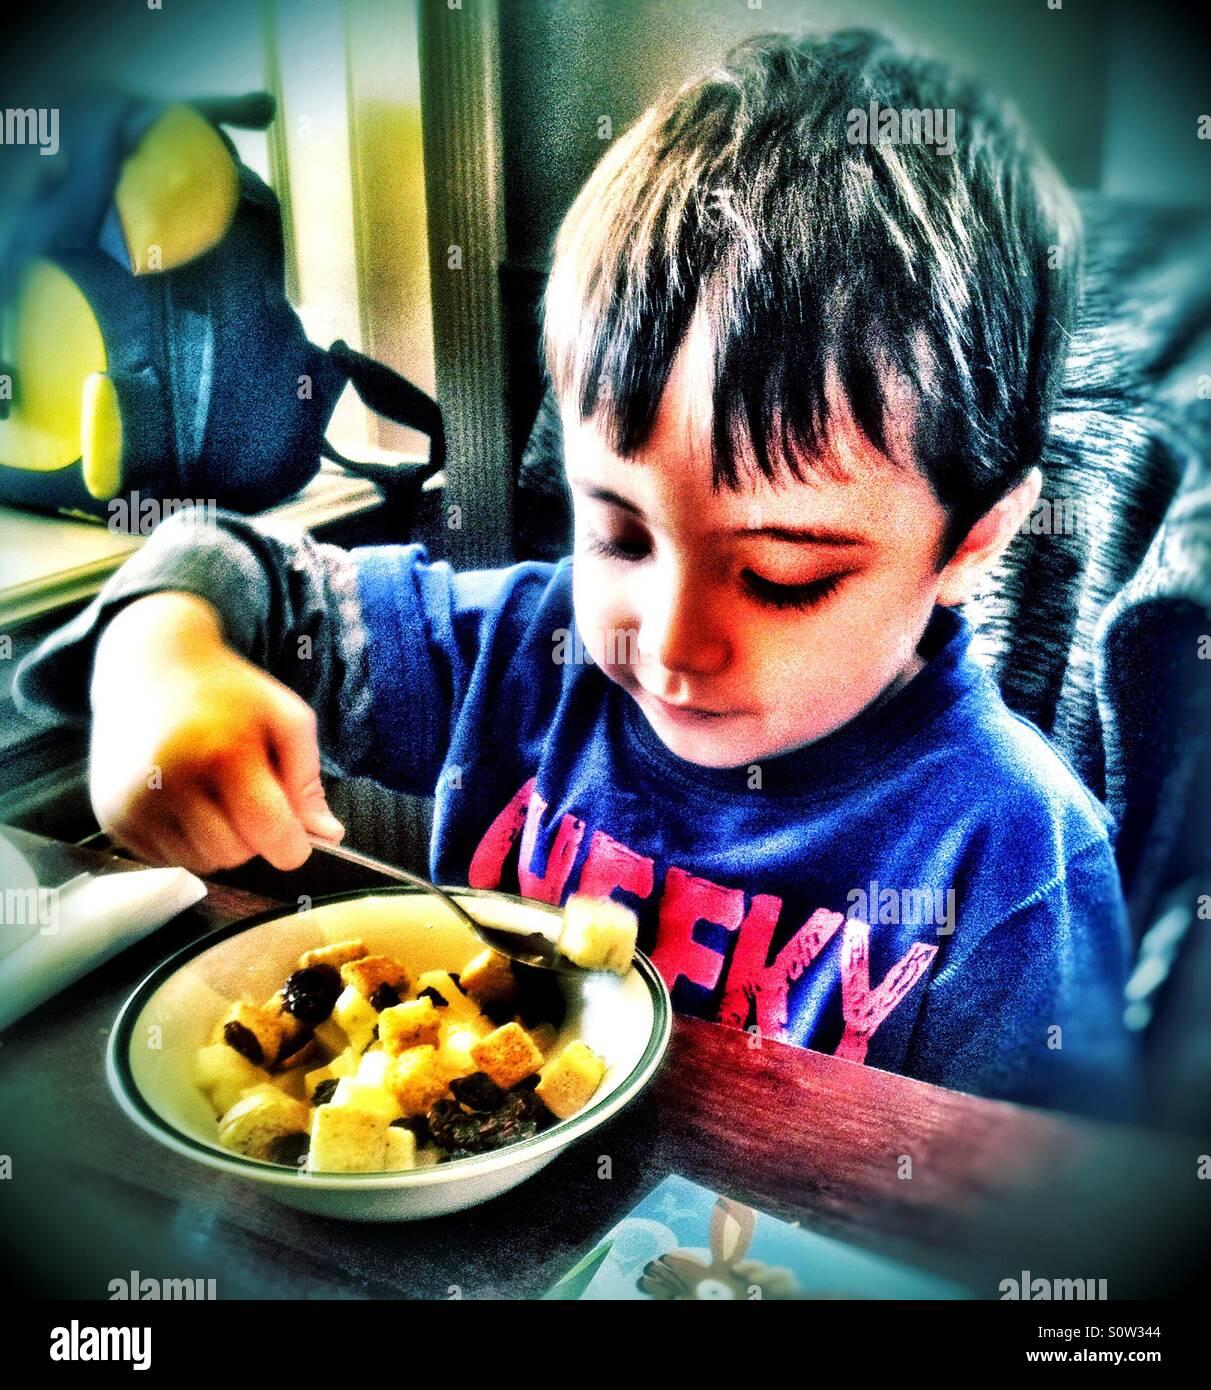 Un giovane ragazzo di mangiare insalata mista di ananas, granturco dolce, uvetta e crostini. Immagini Stock